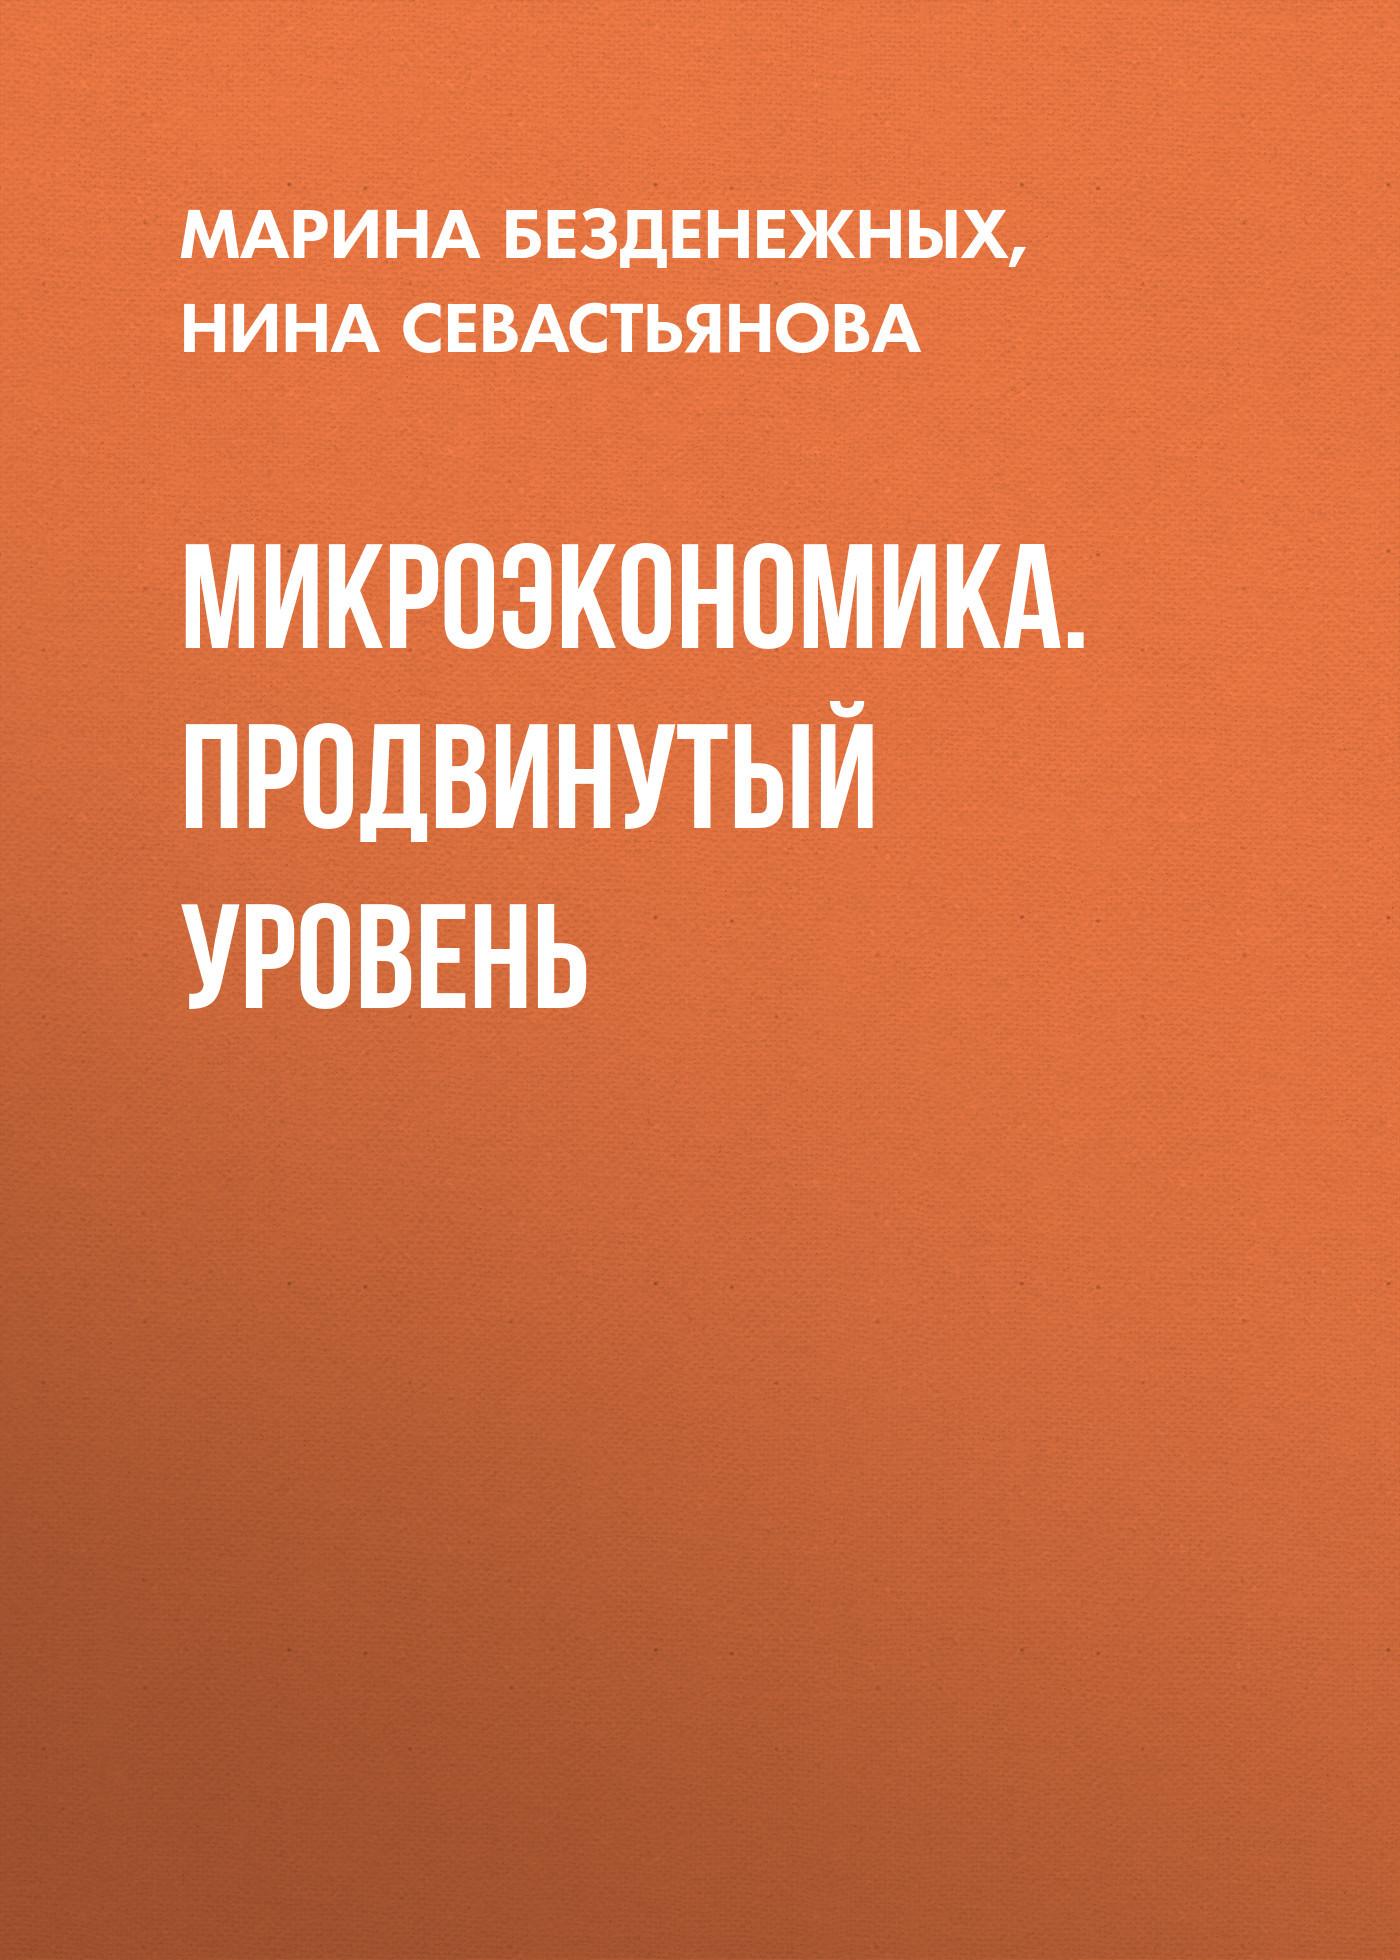 Нина Севастьянова Микроэкономика. Продвинутый уровень микроэкономика практический подход managerial economics учебник